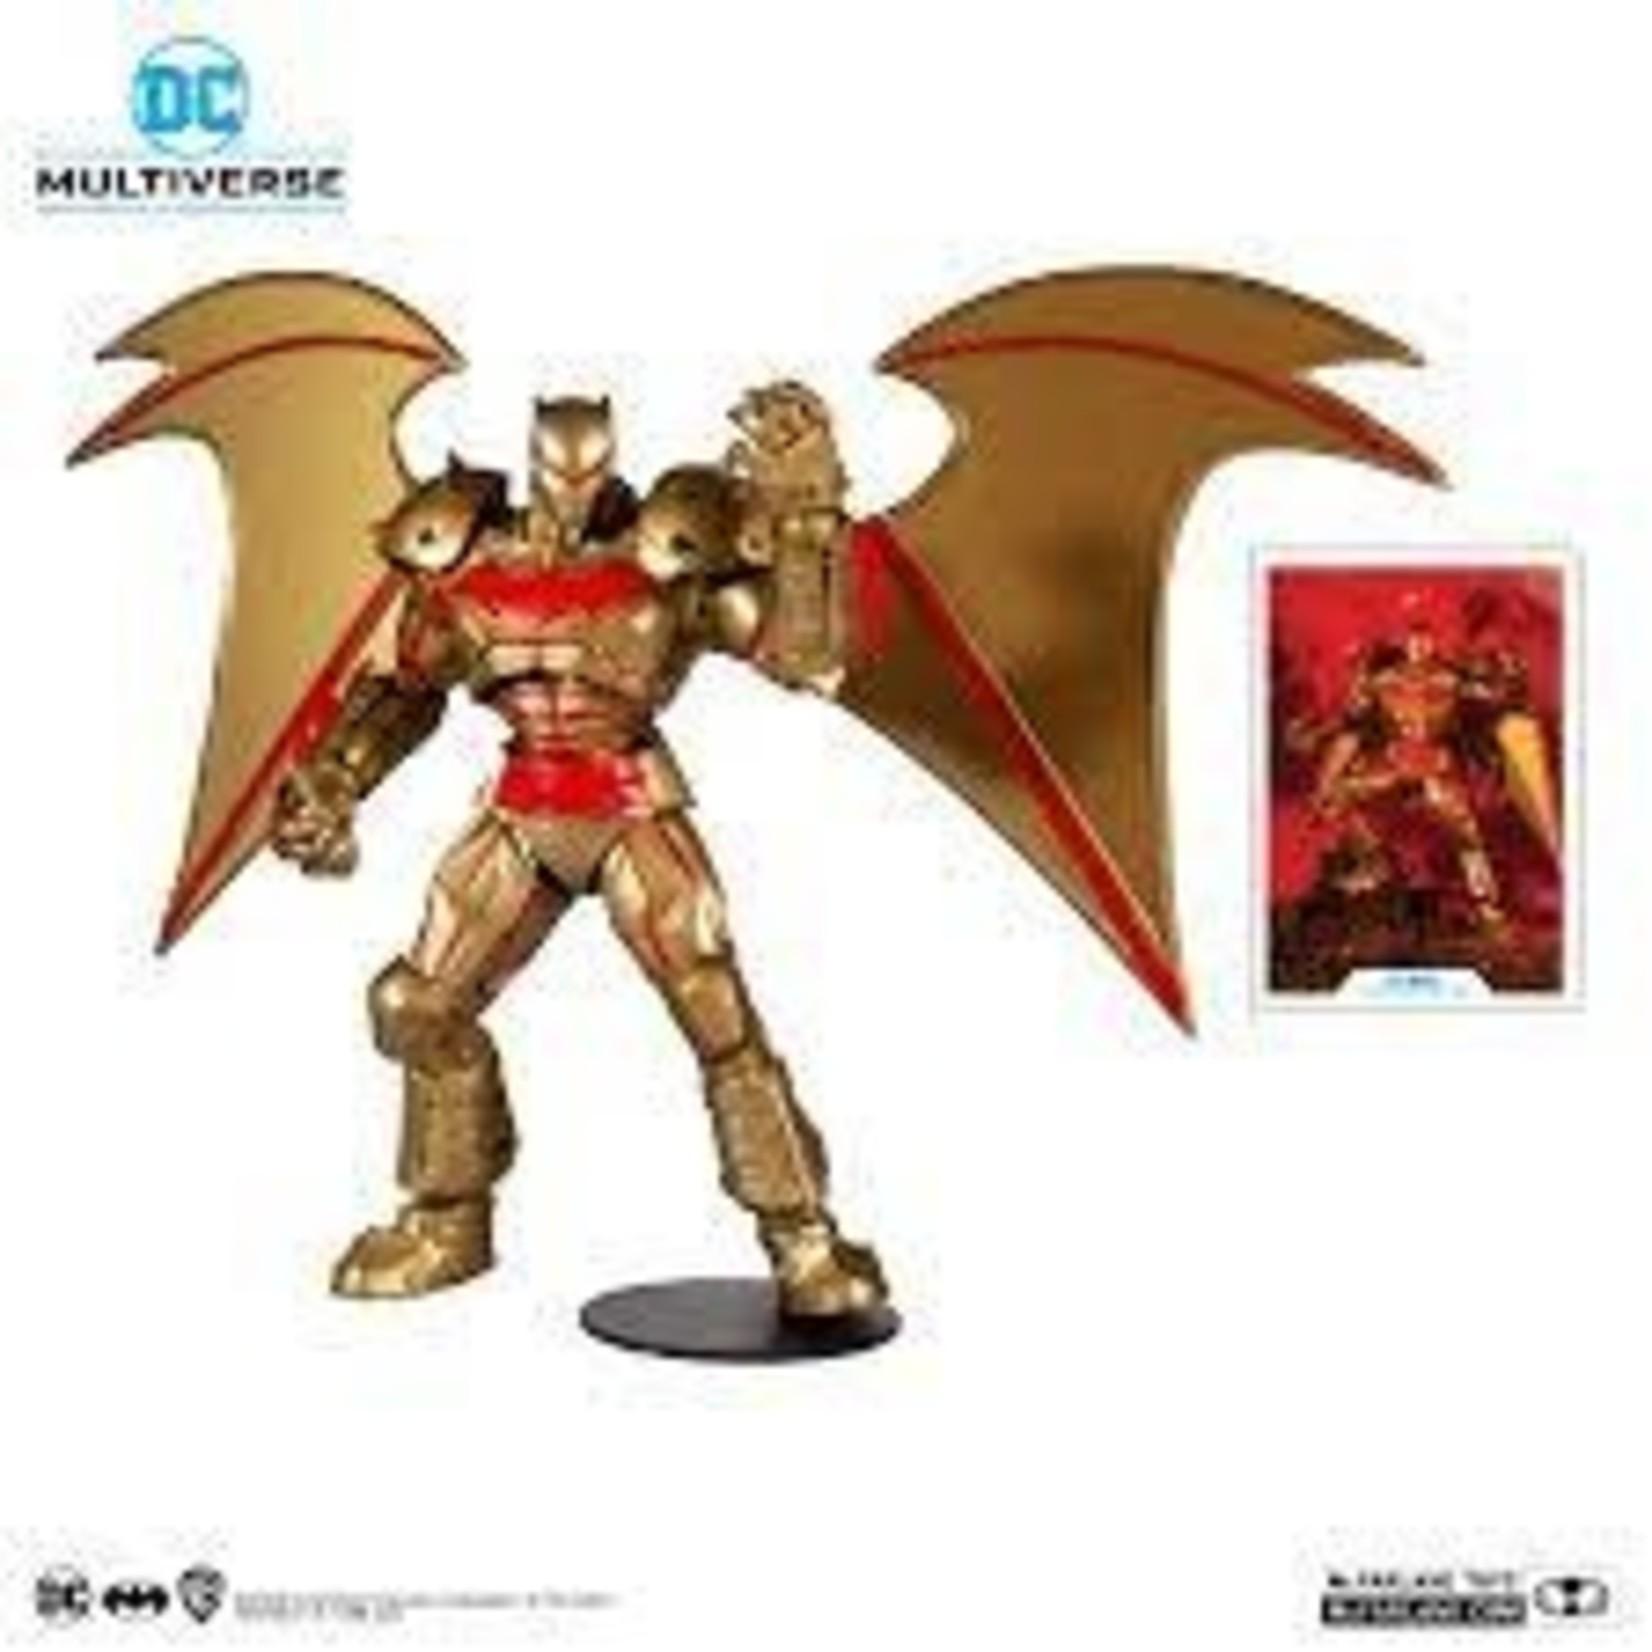 McFarlane Toys DC MULTIVERSE HELLBAT LUNAR NEW YEAR EDITION